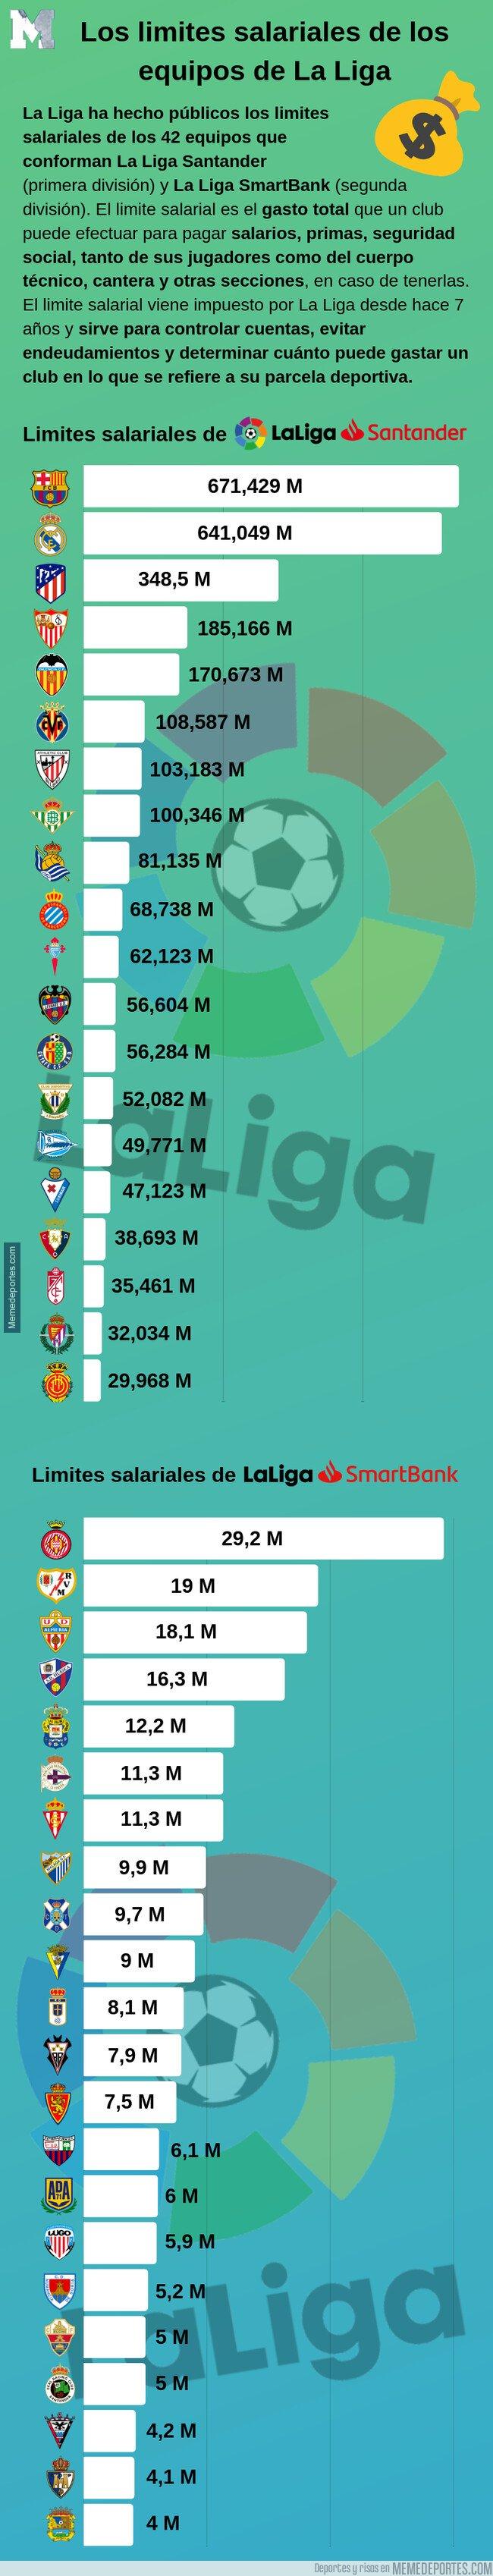 1085397 - Los limites salariales de los equipos de La Liga